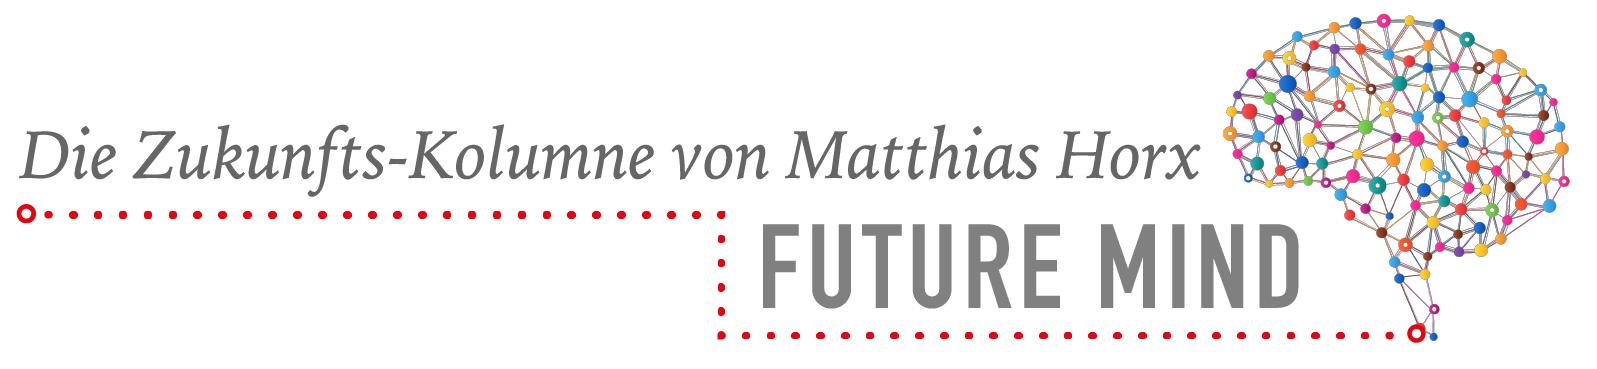 FUTURE MIND - Die Zukunfts-Kolumne von Matthias Horx